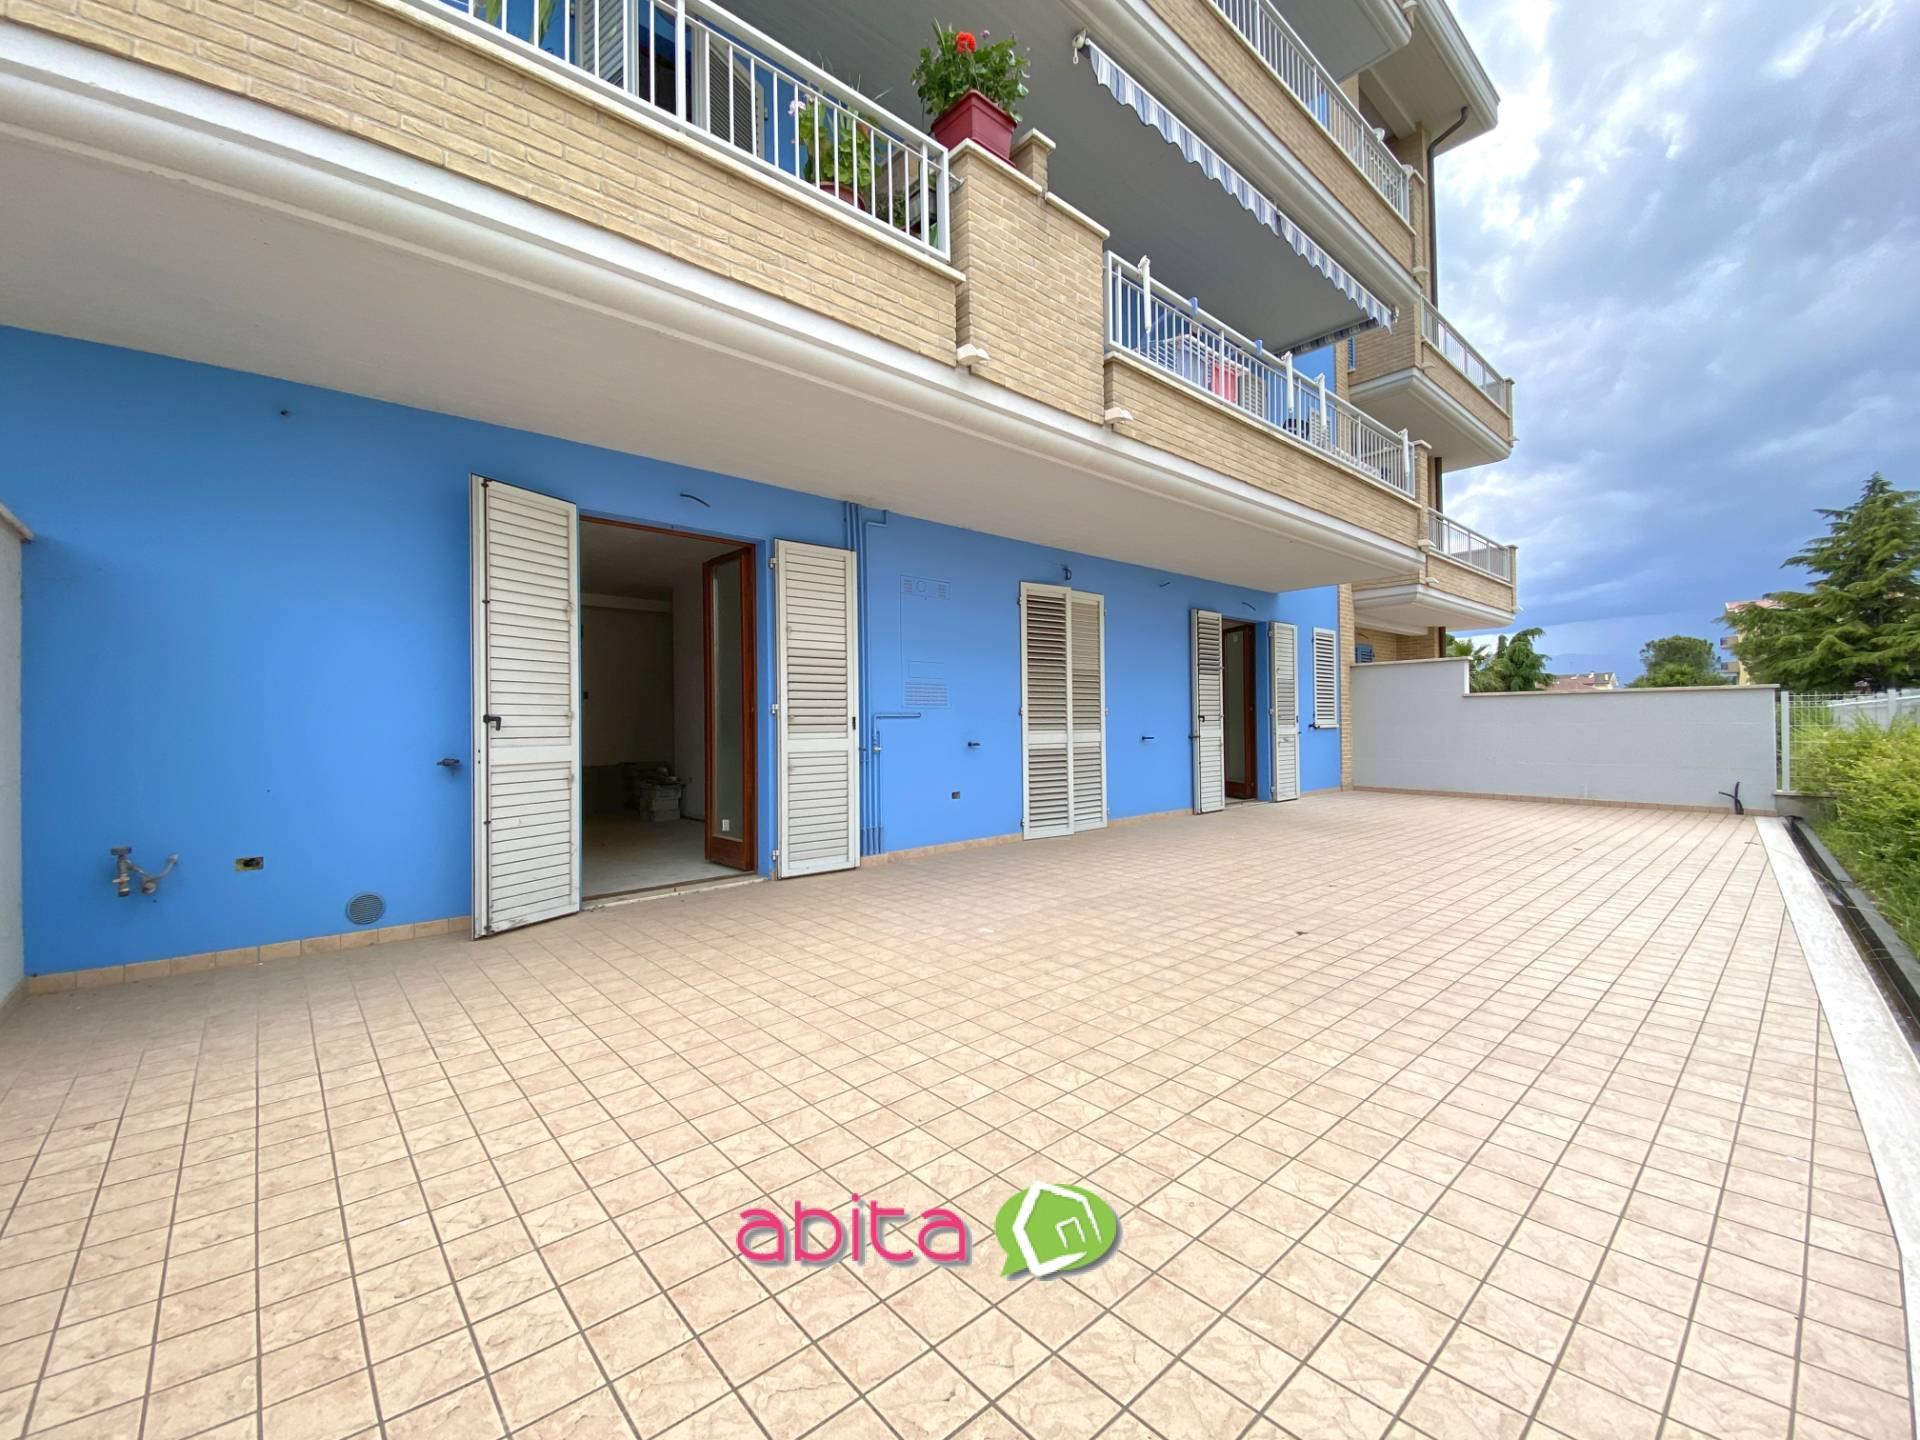 Appartamento in vendita a Monteprandone, 3 locali, zona Zona: Centobuchi, prezzo € 119.000 | CambioCasa.it